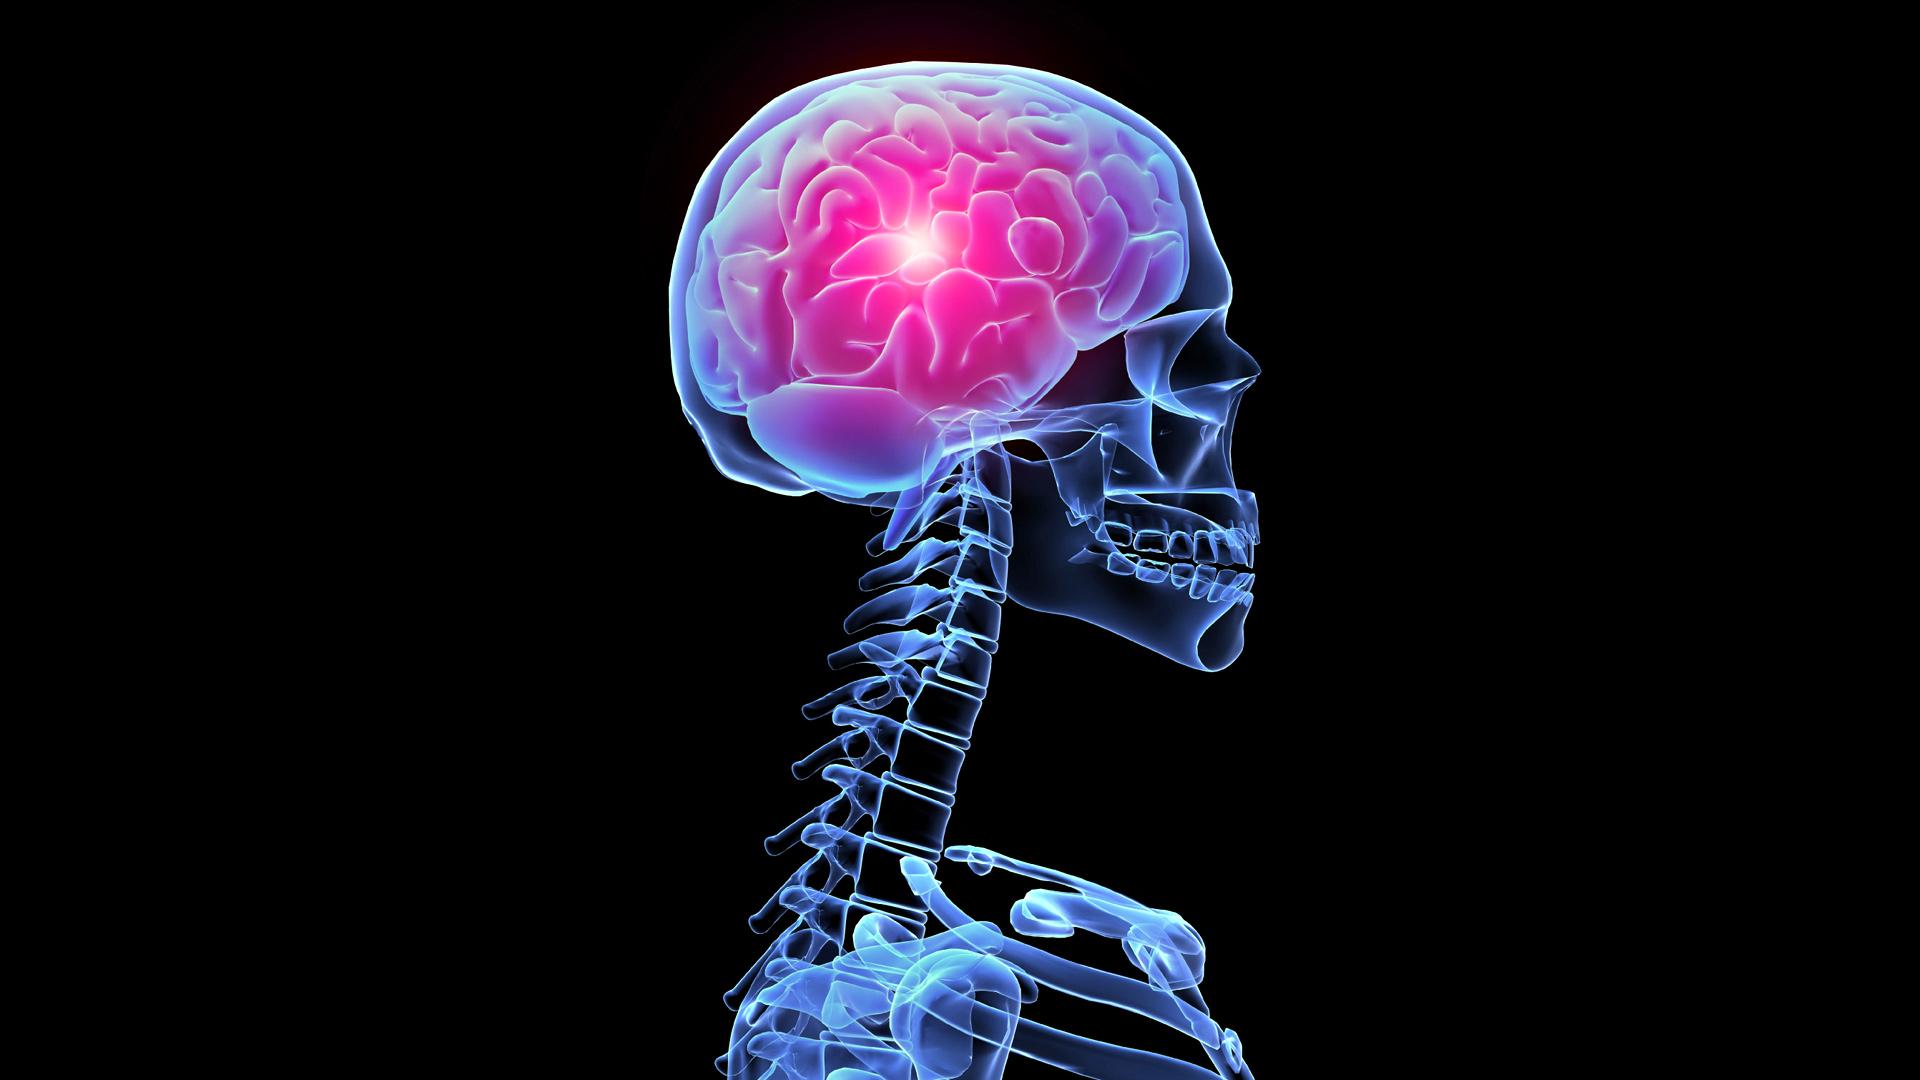 Облучение головного мозга — не проблема с клеточными технологиями